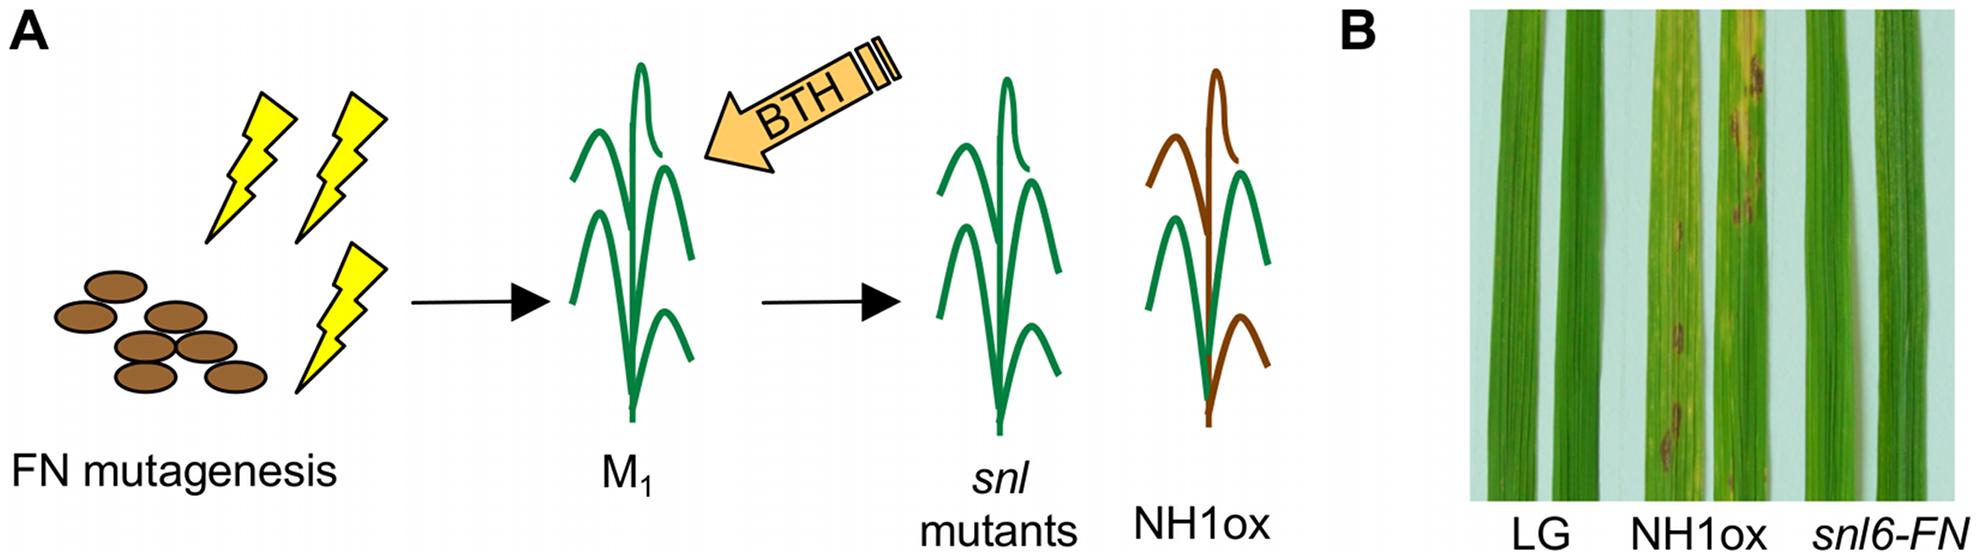 Identification of the <i>snl6-FN</i> mutant.